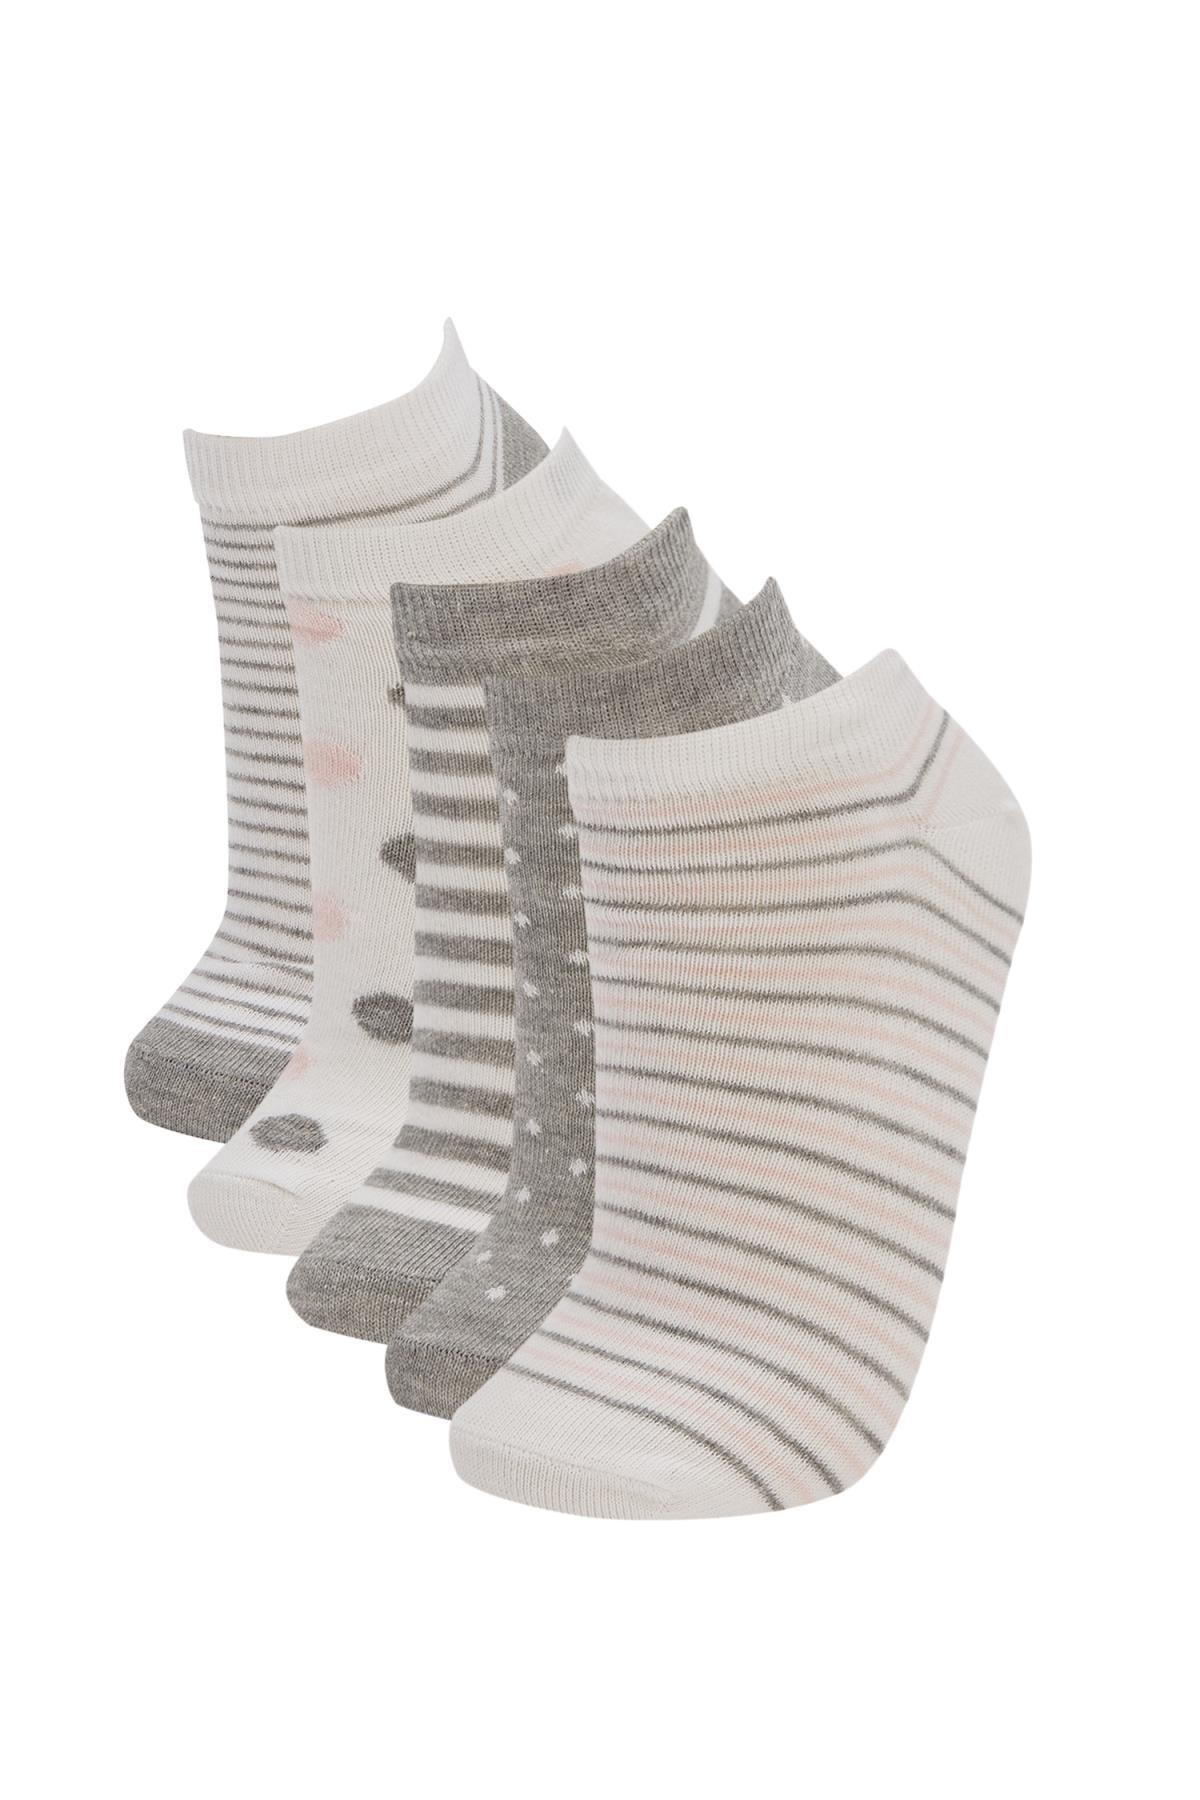 DeFacto Kadın Çok Renkli Desenli Patik Çorap 5'Li V9712AZ21HSKR